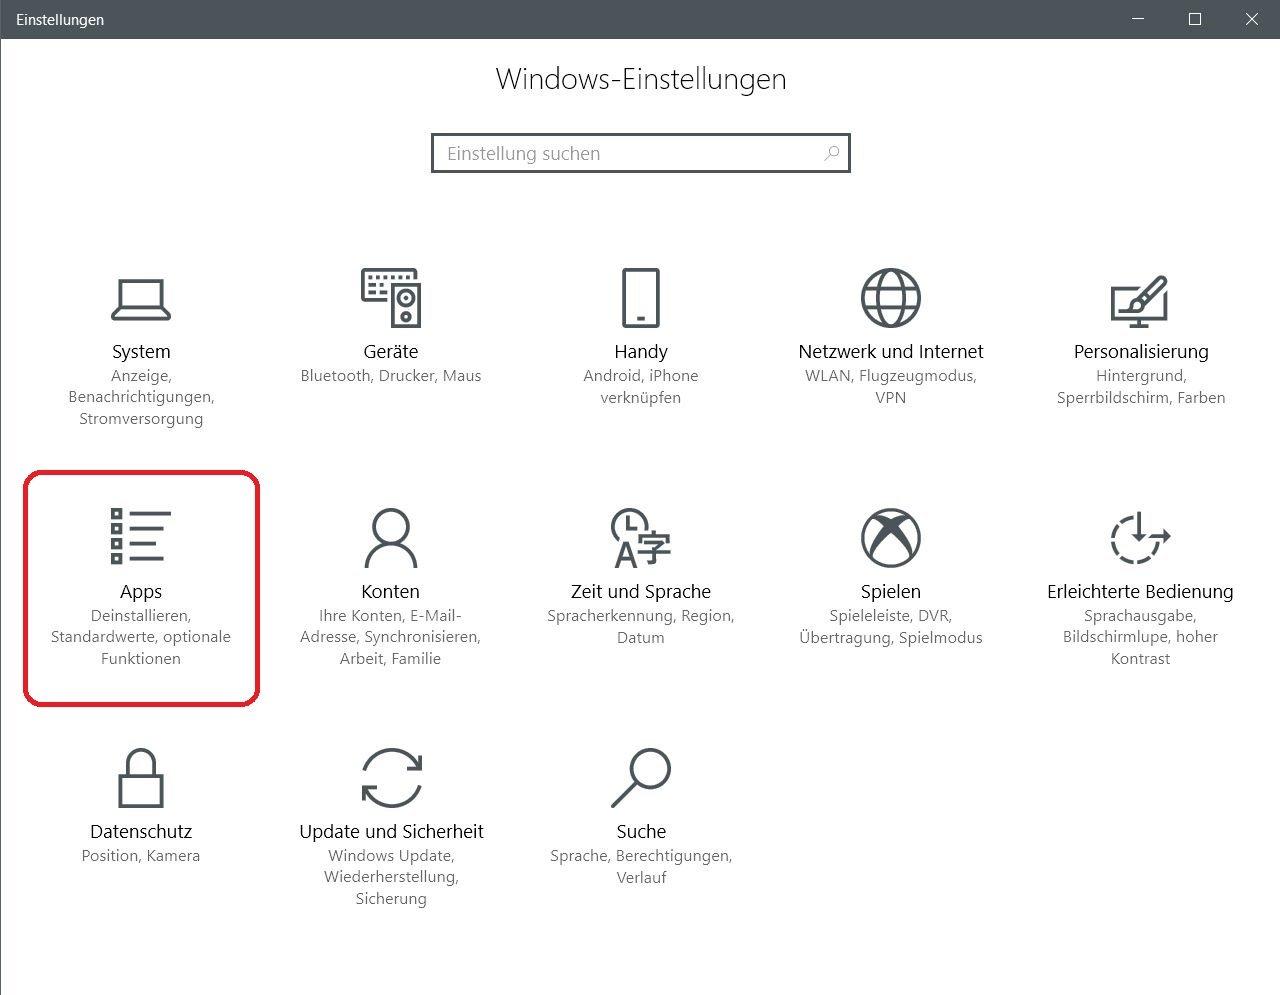 einstellungen apps anklicken - Windows 10 Paint 3D deinstallieren oder wieder installieren